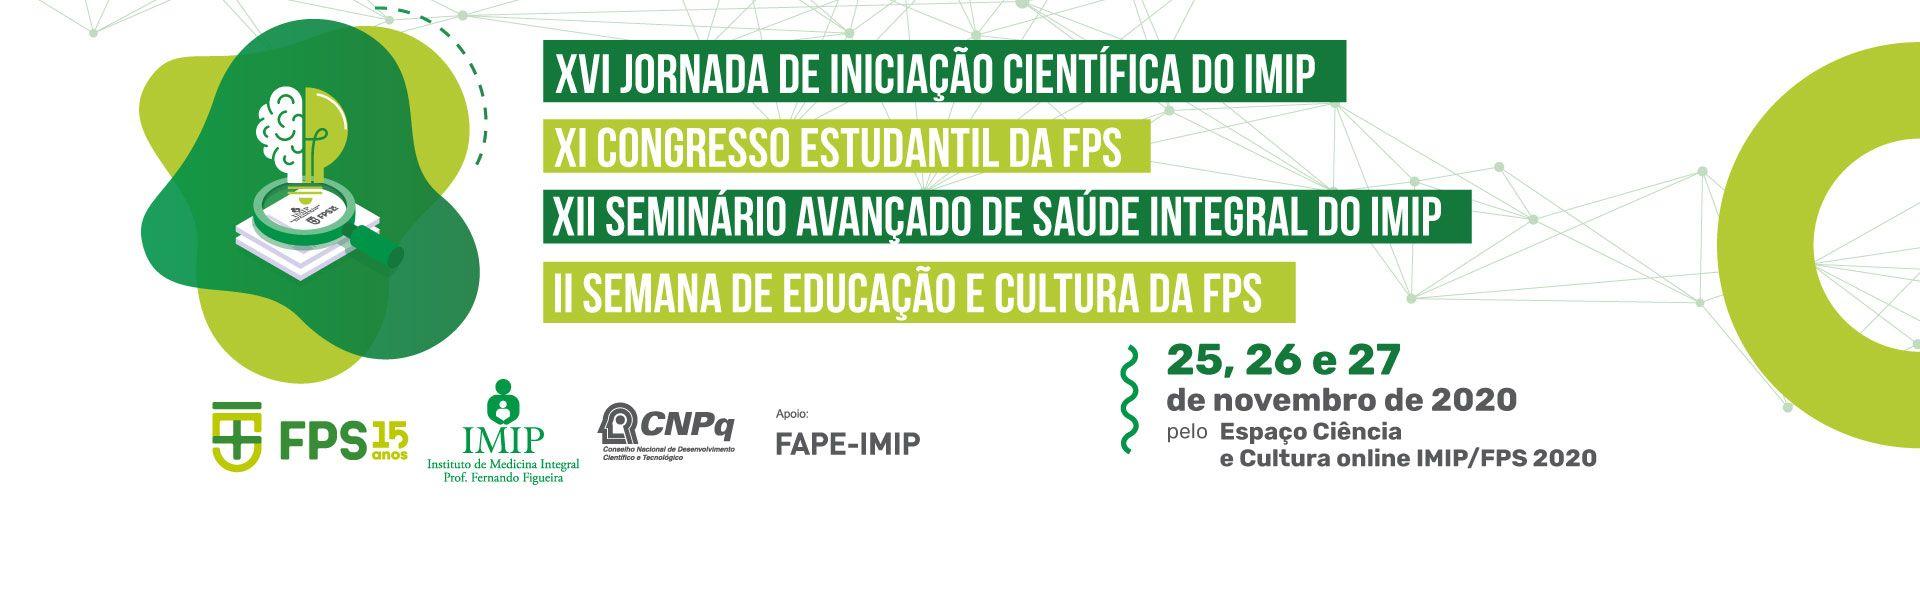 congresso fps imip